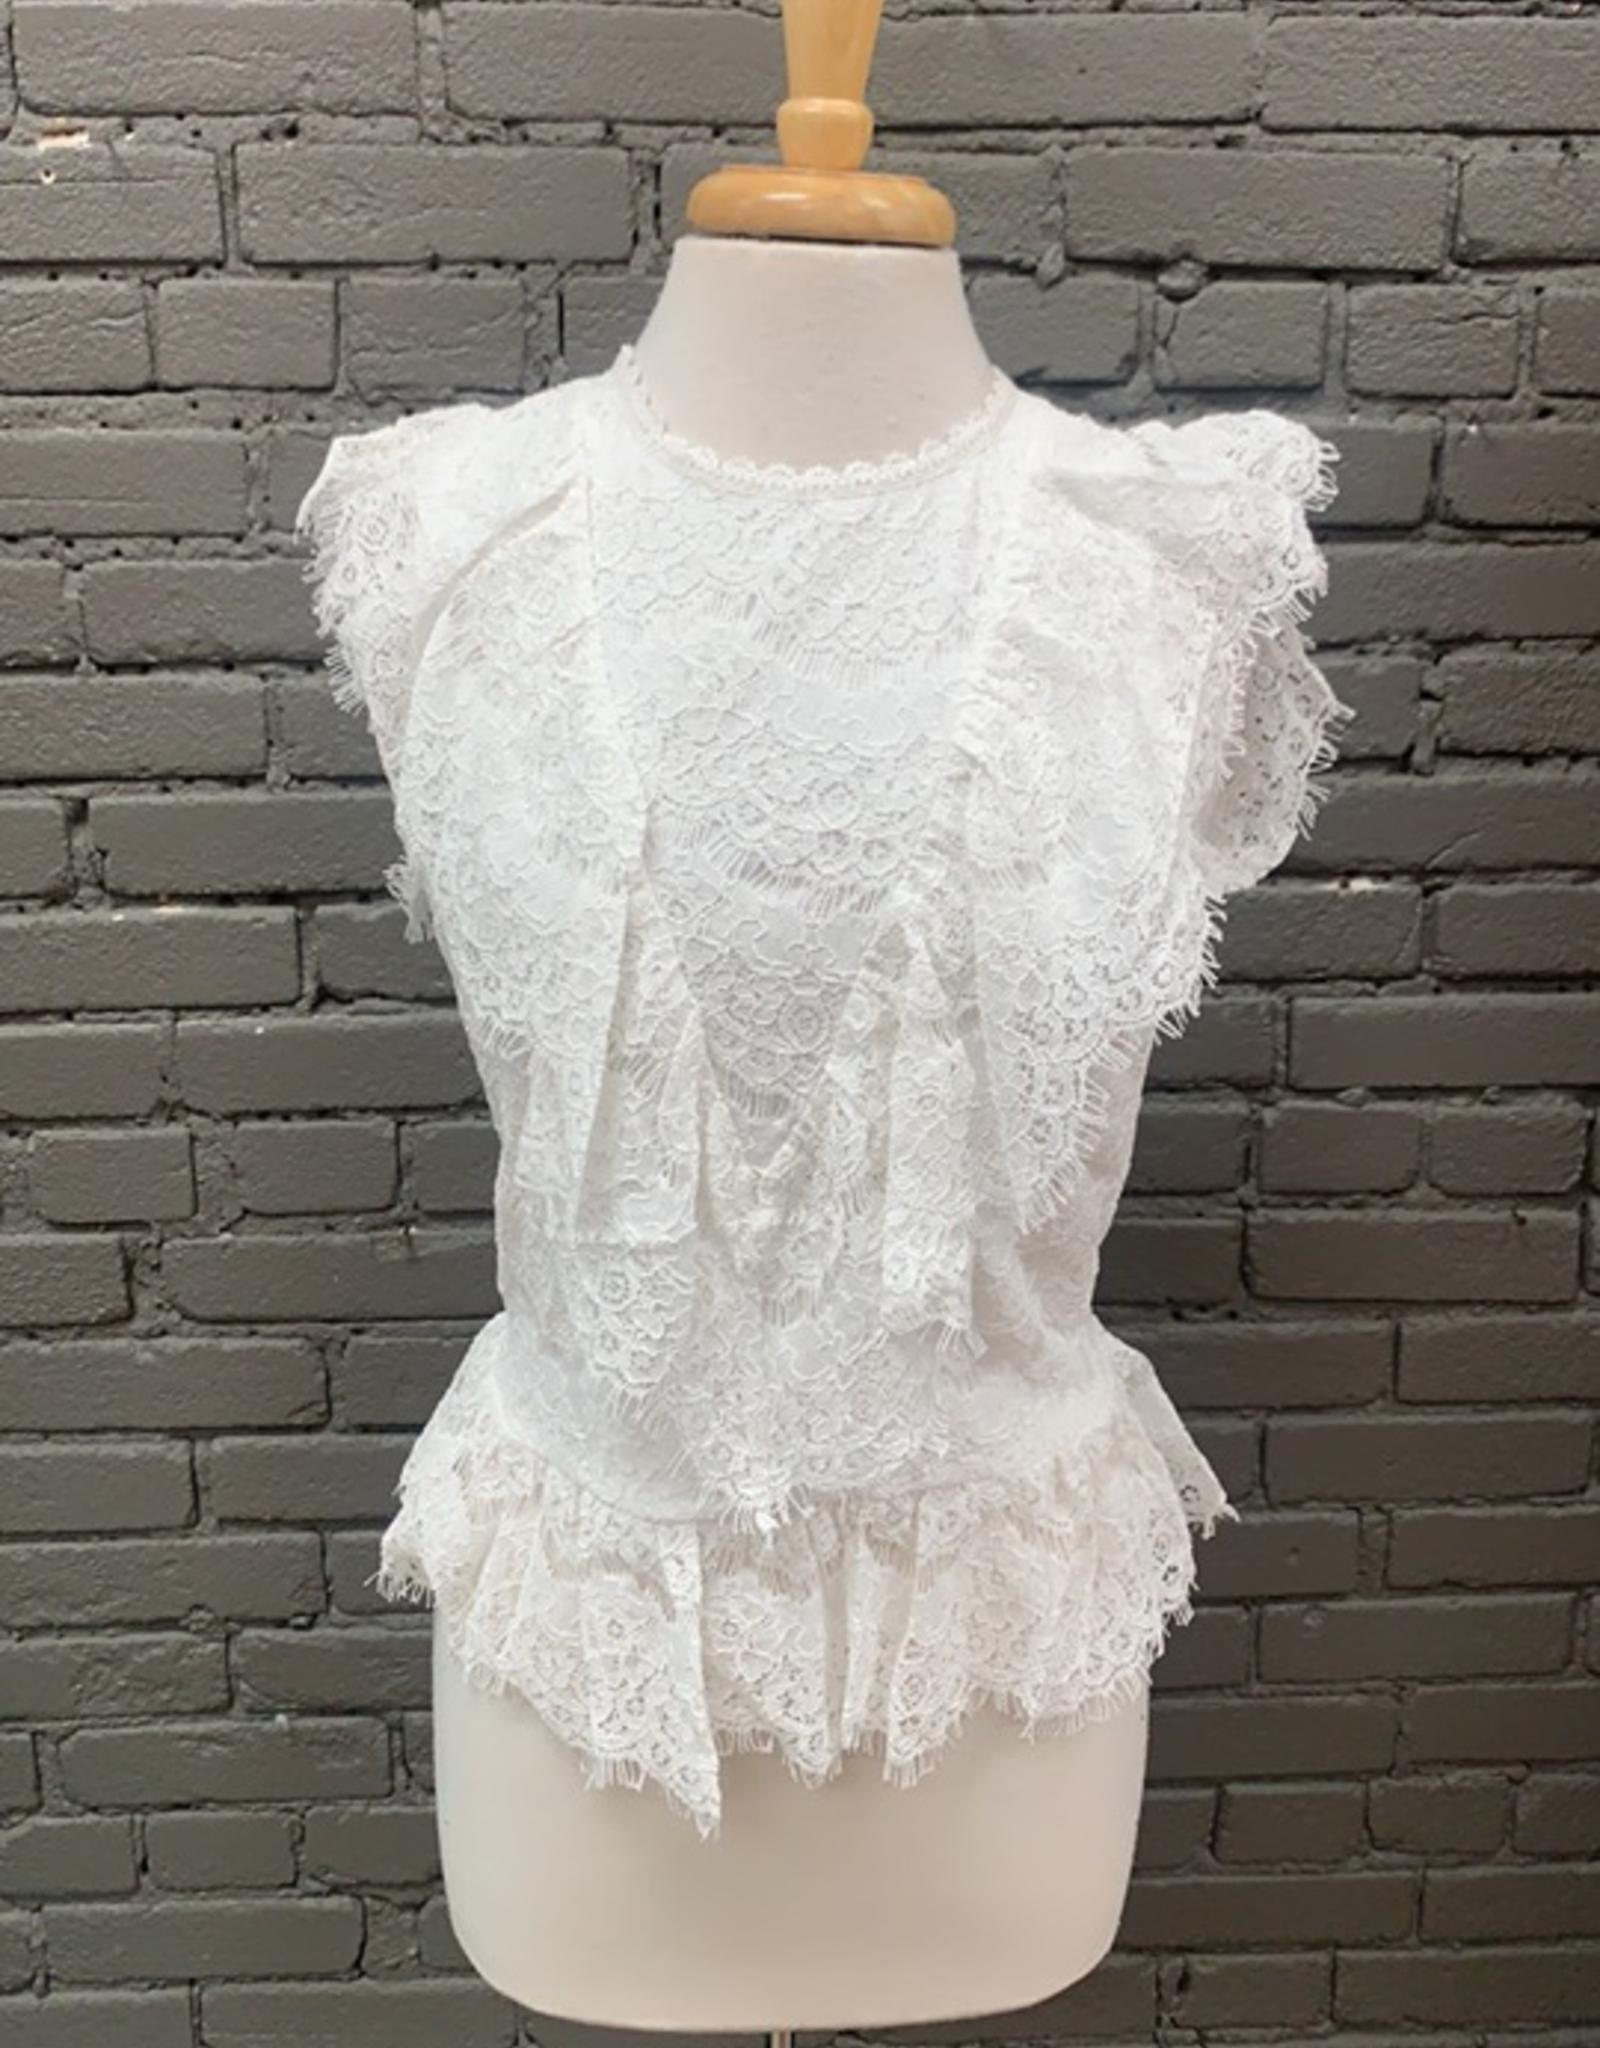 Blouse Patty Lace Shirt w/ Ruffle Sleeves